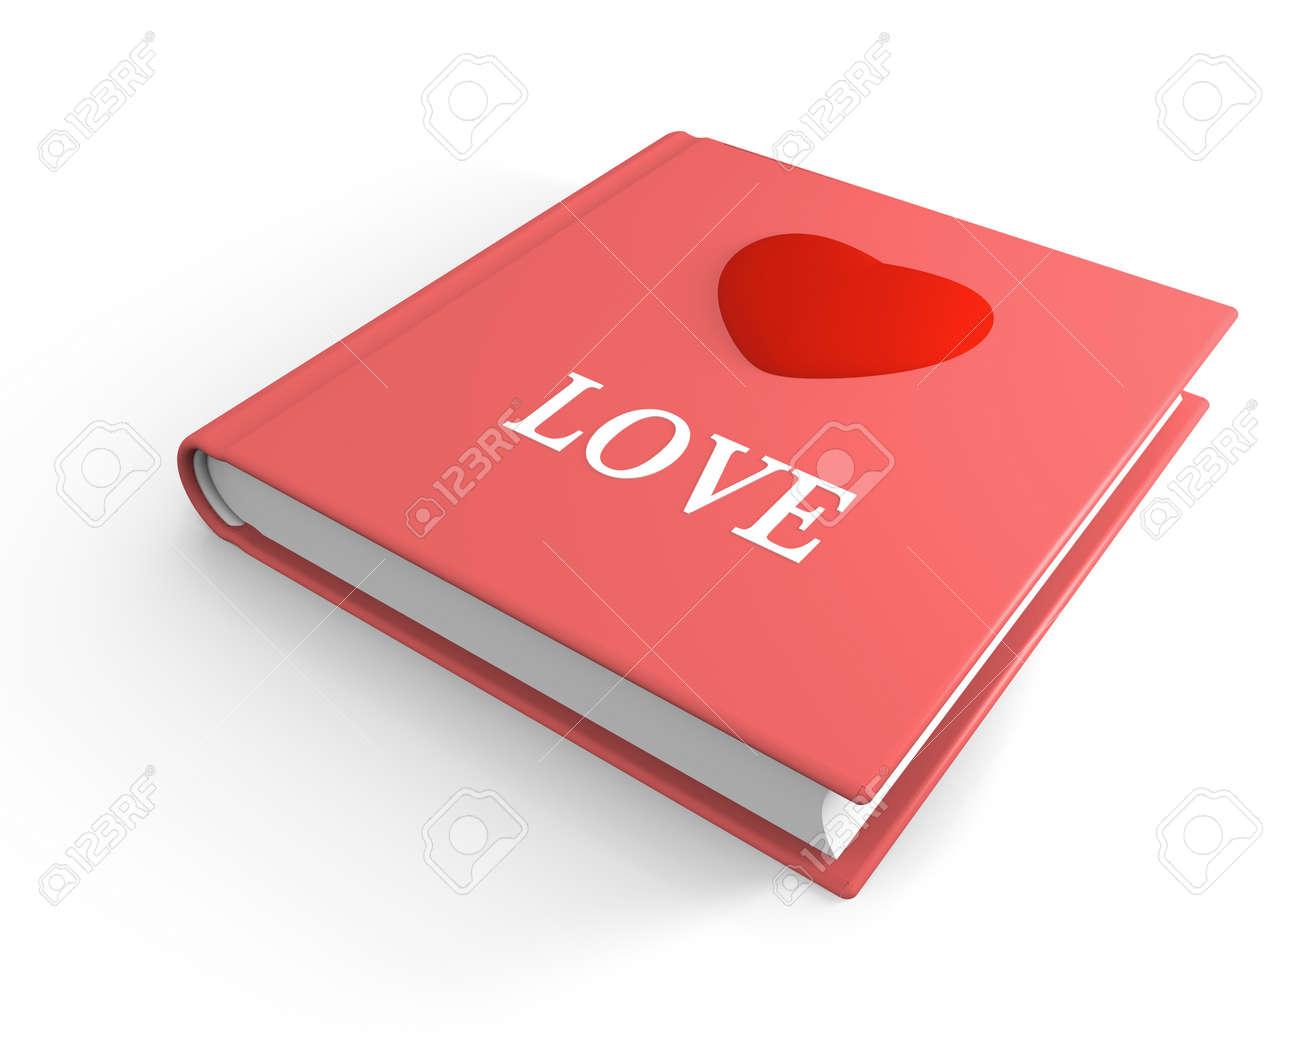 Livre Rose Intitule Aime Avec Le Coeur En 3d Sur La Couverture